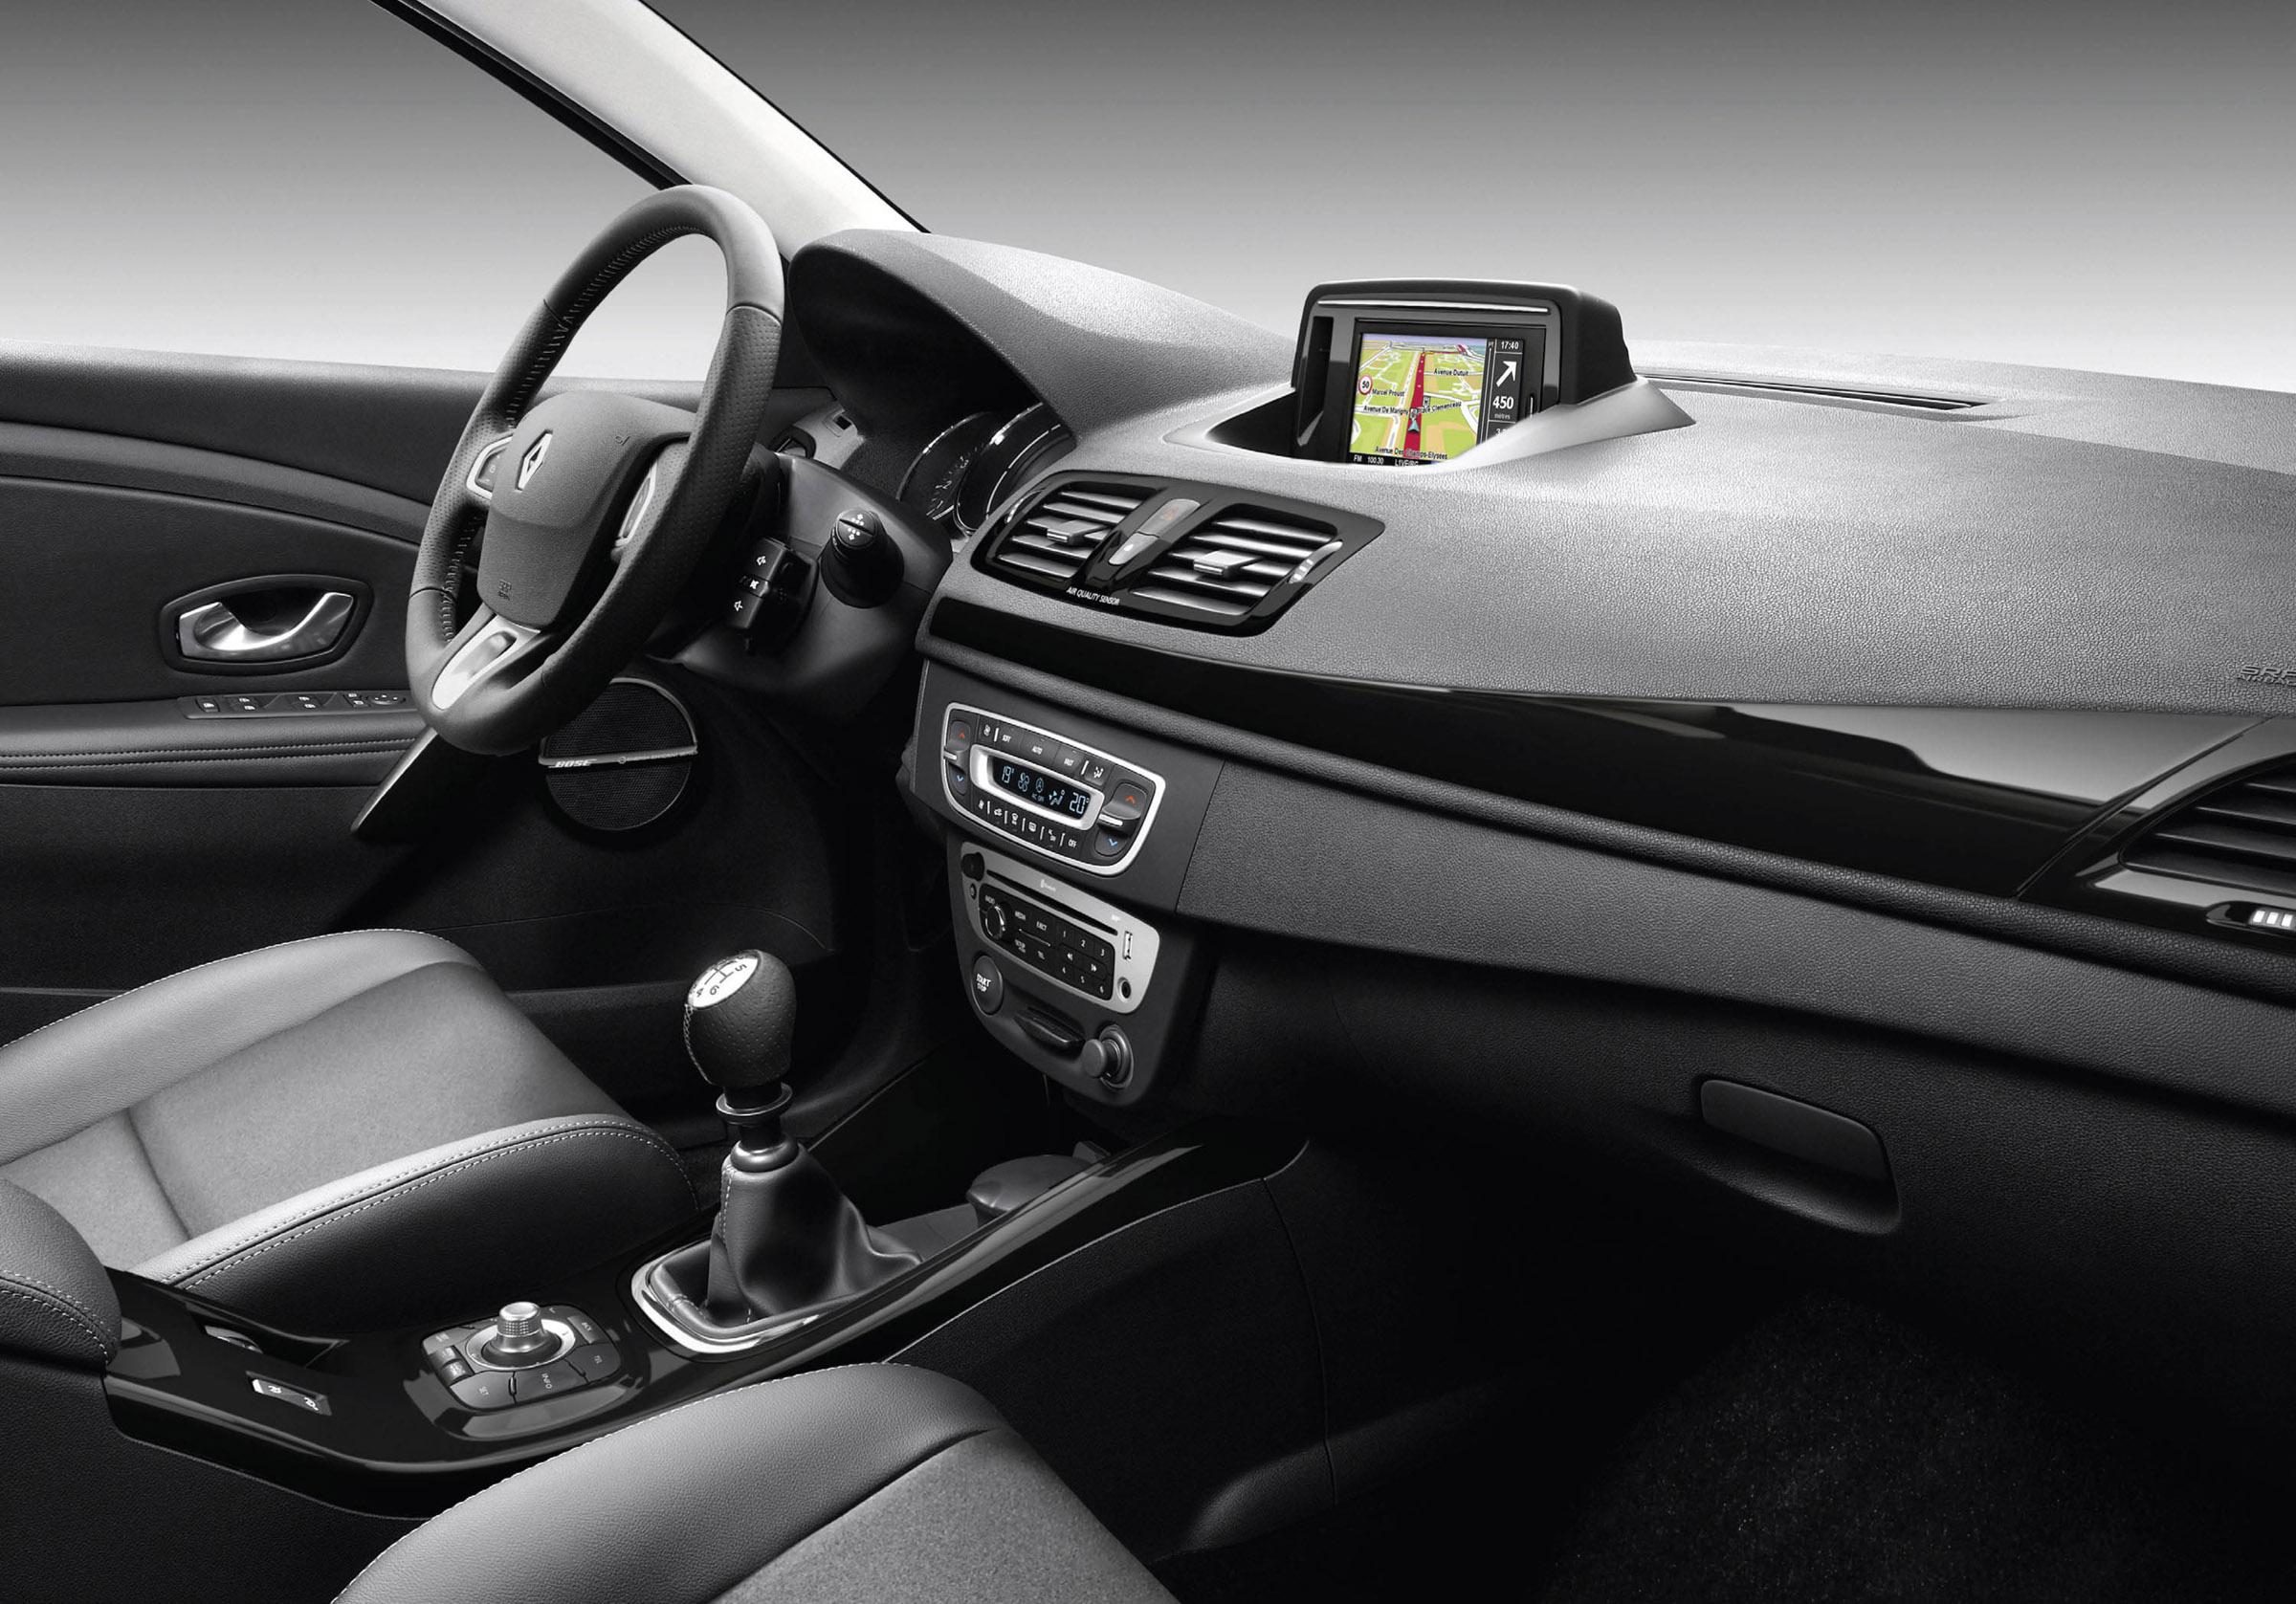 2012 Renault Megane Uk Range Pricing